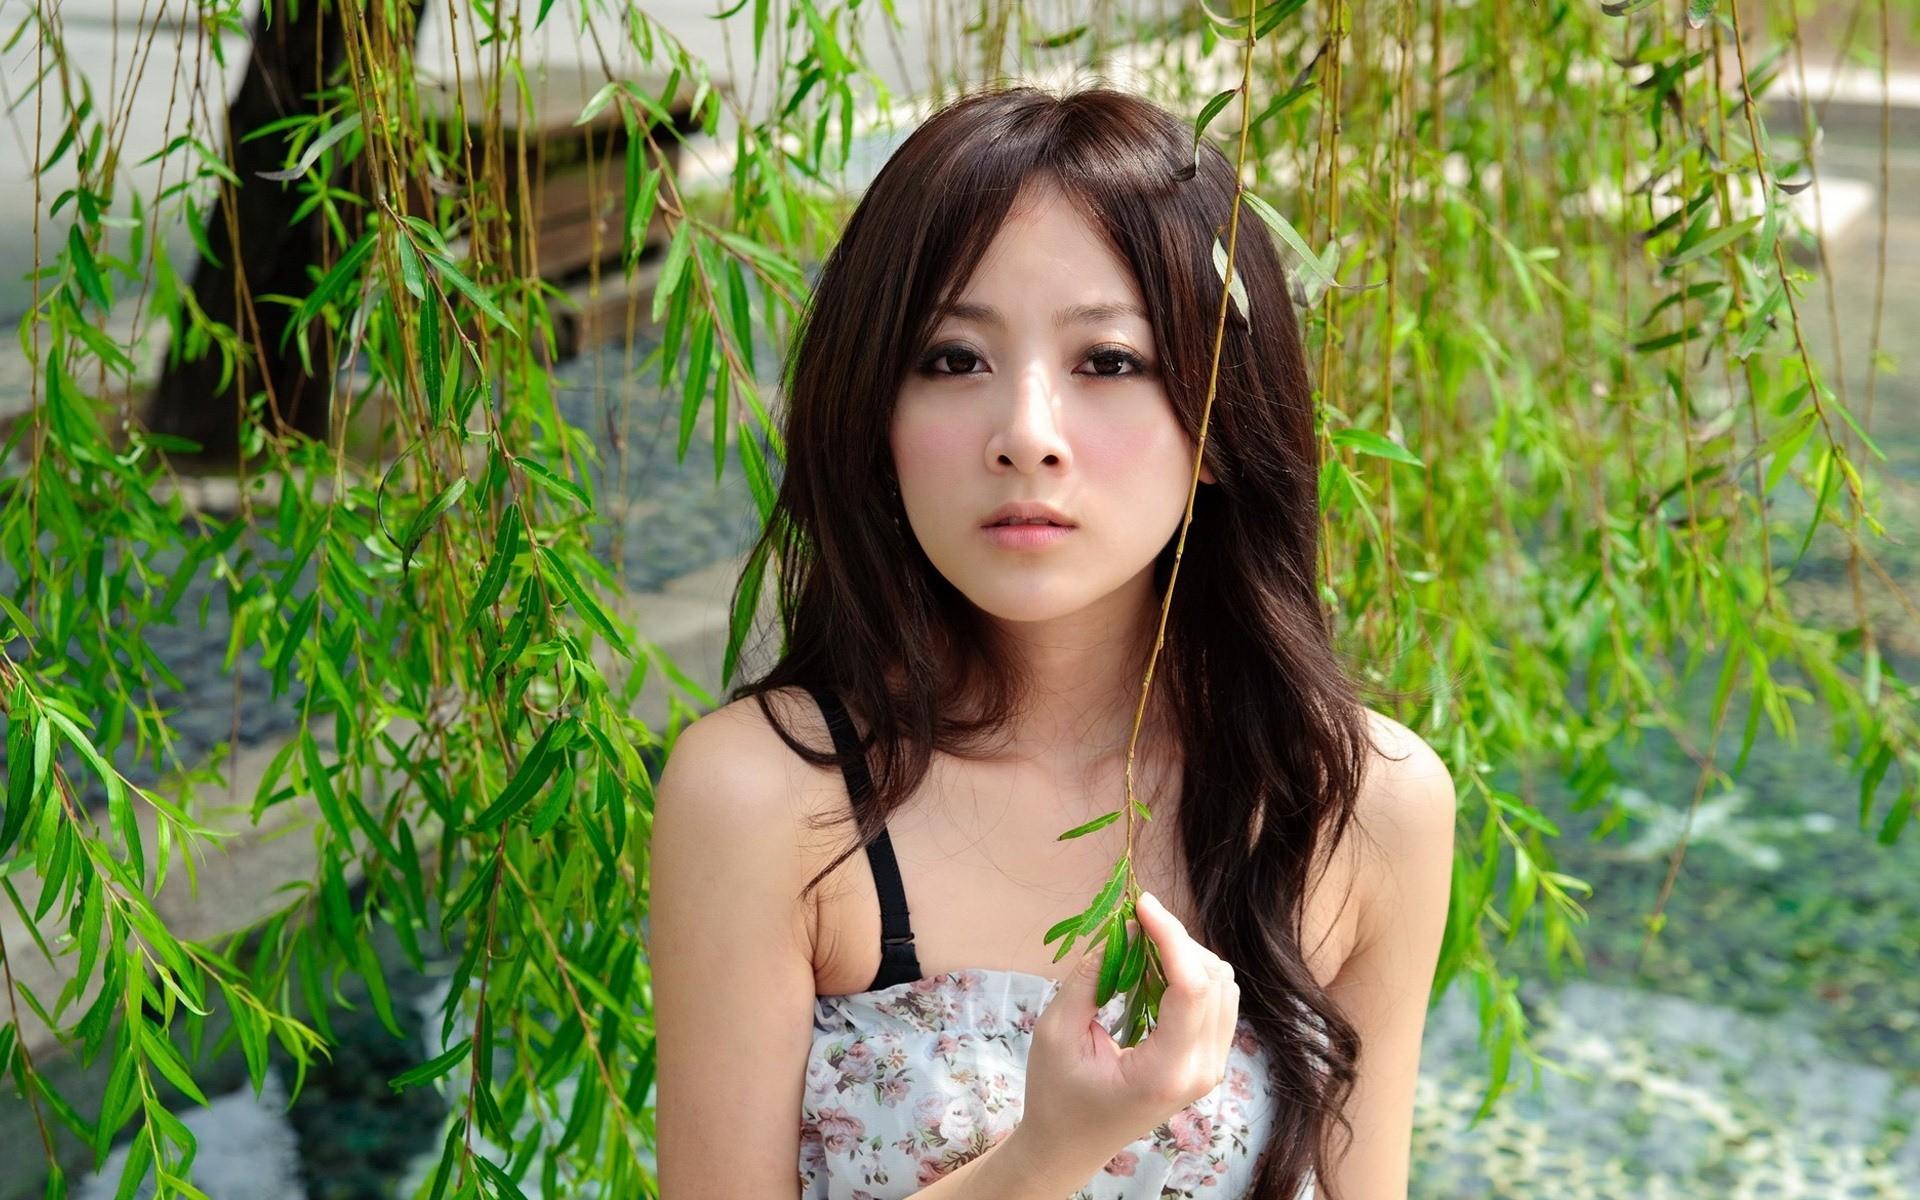 Японские девушки фото бесплатно 17 фотография